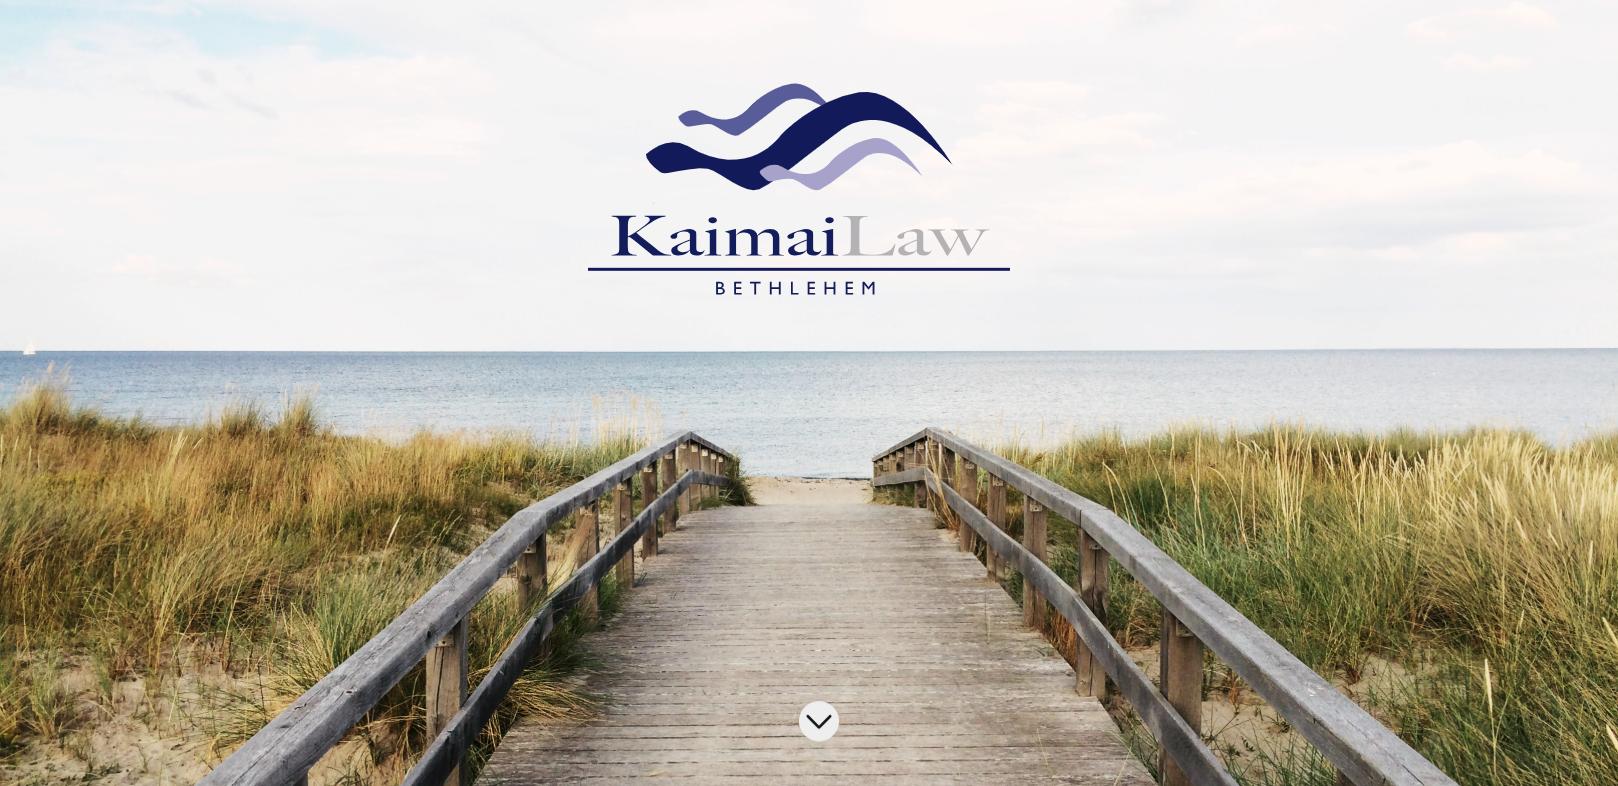 New Website for Kaimai Law Bethlehem